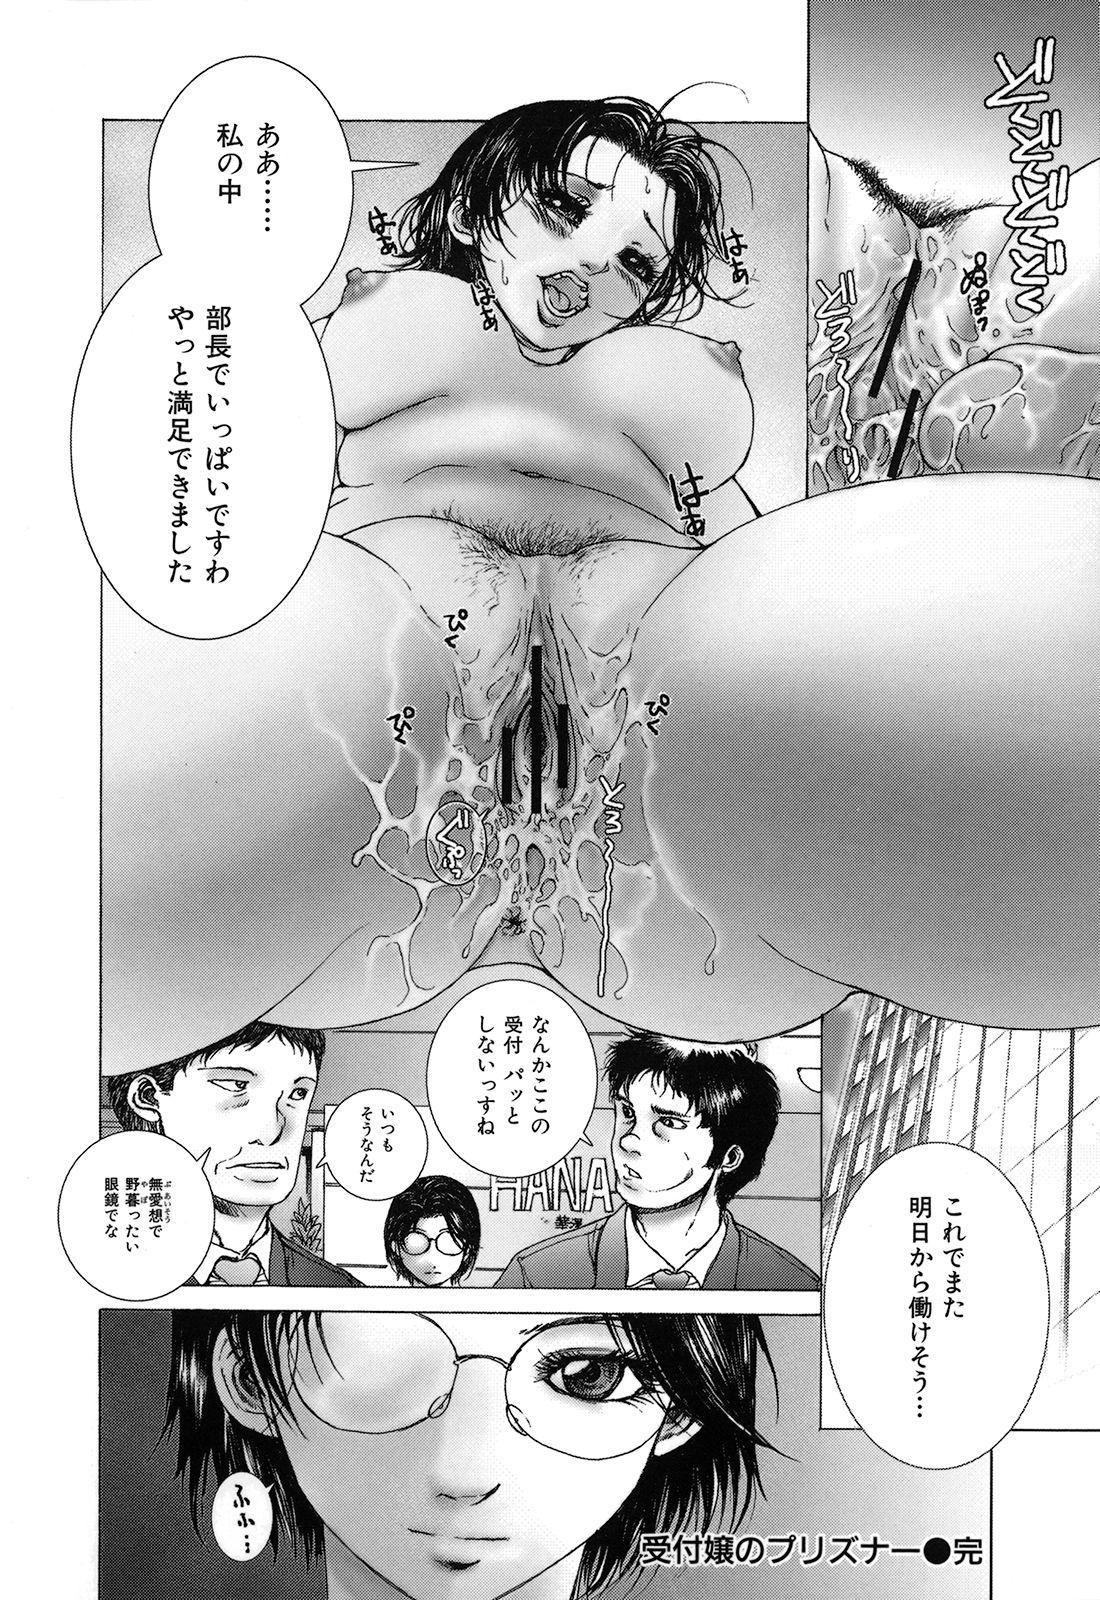 Kou Musume 131